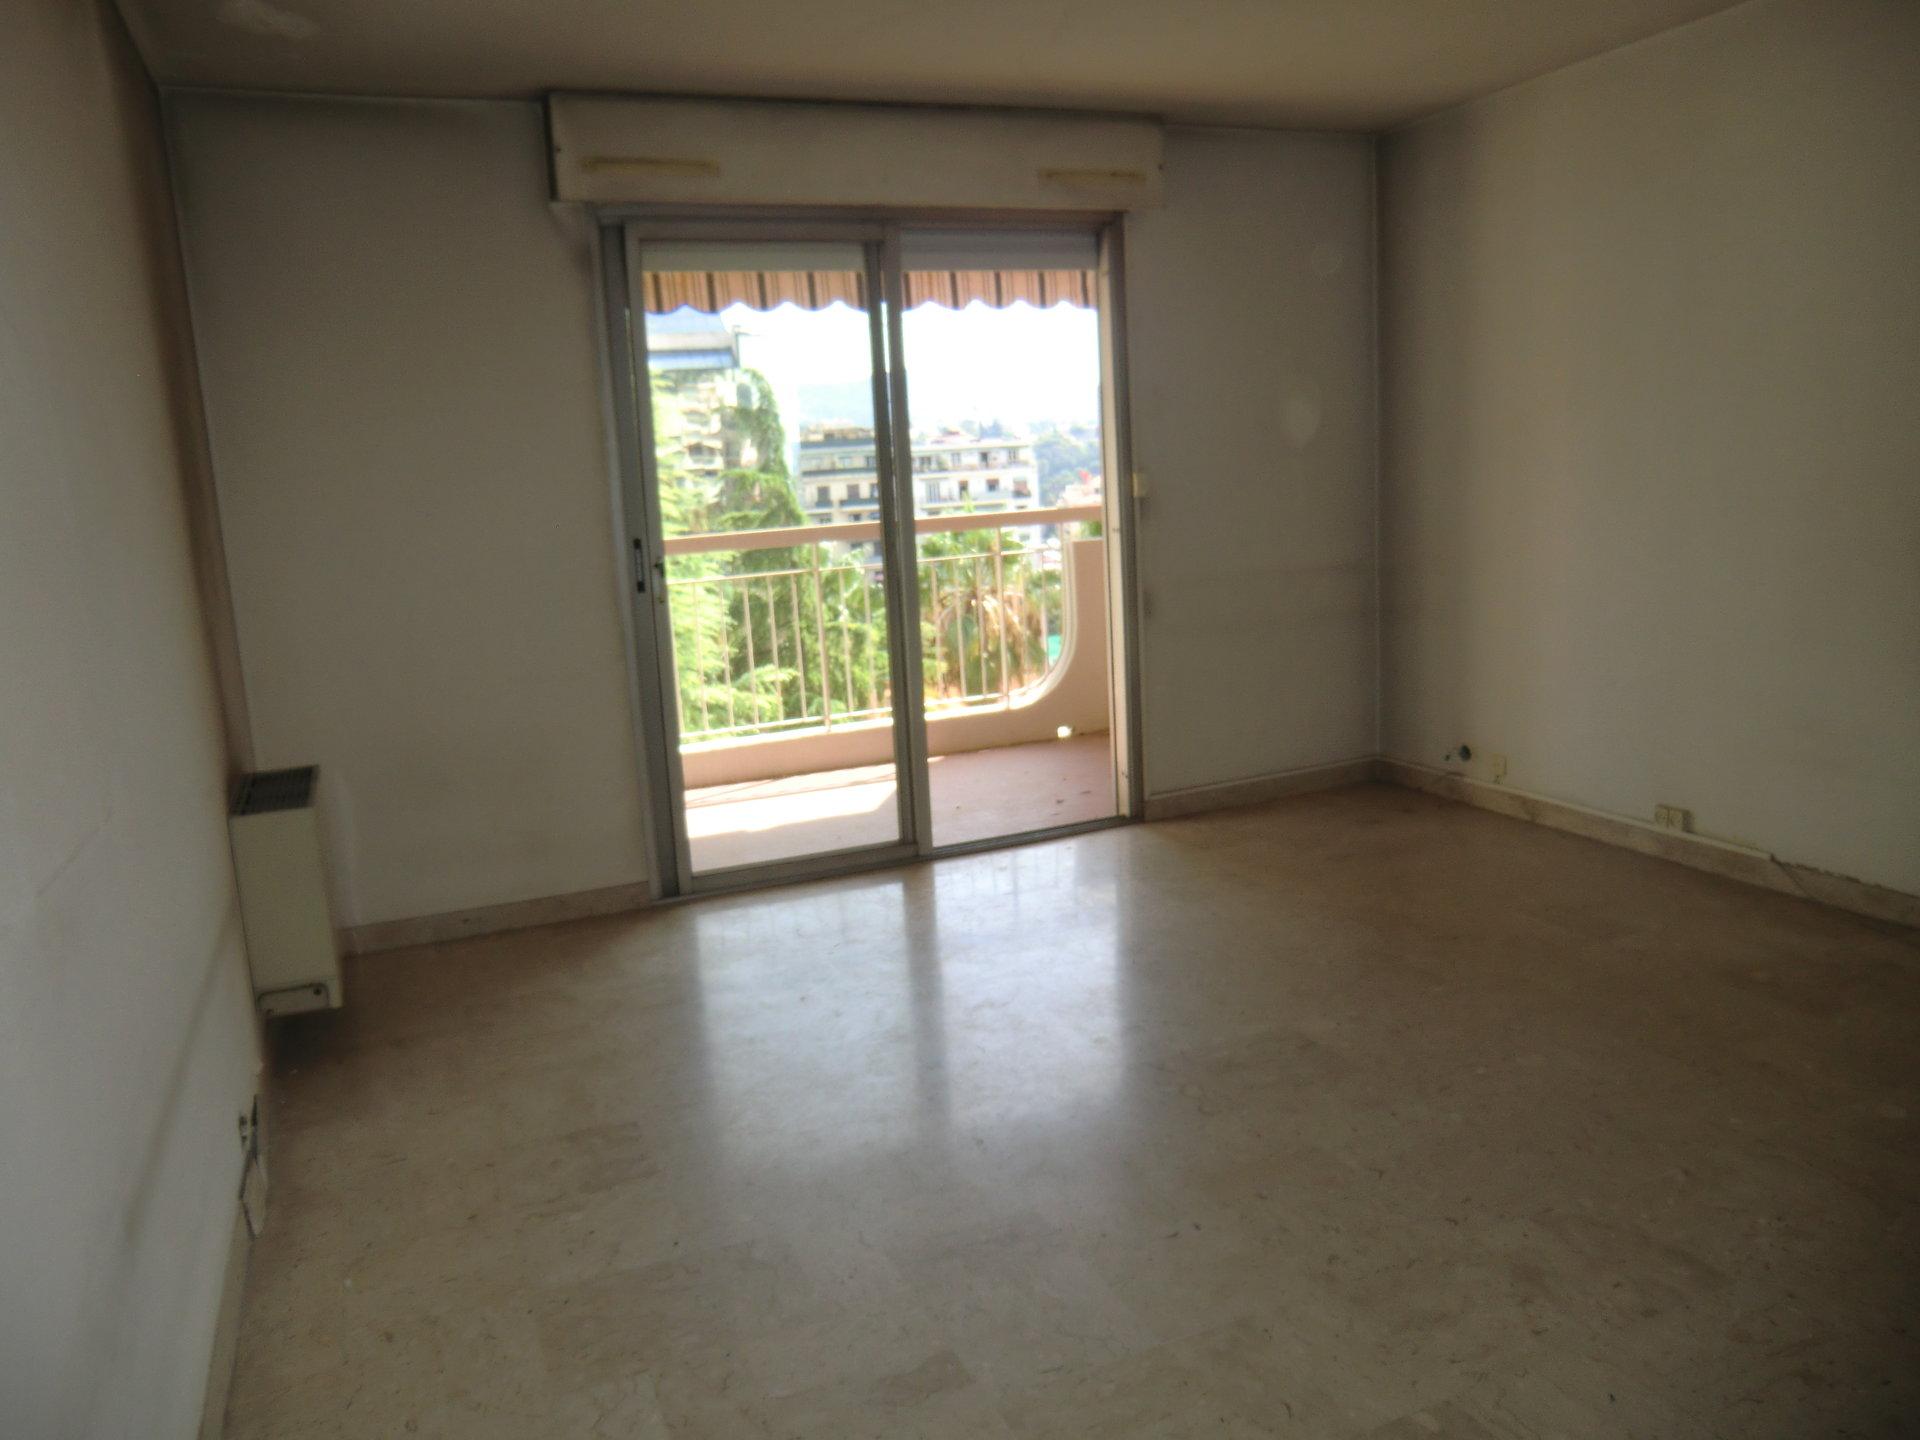 Appartement 3 pièces 64 m2 à vendre 220500€